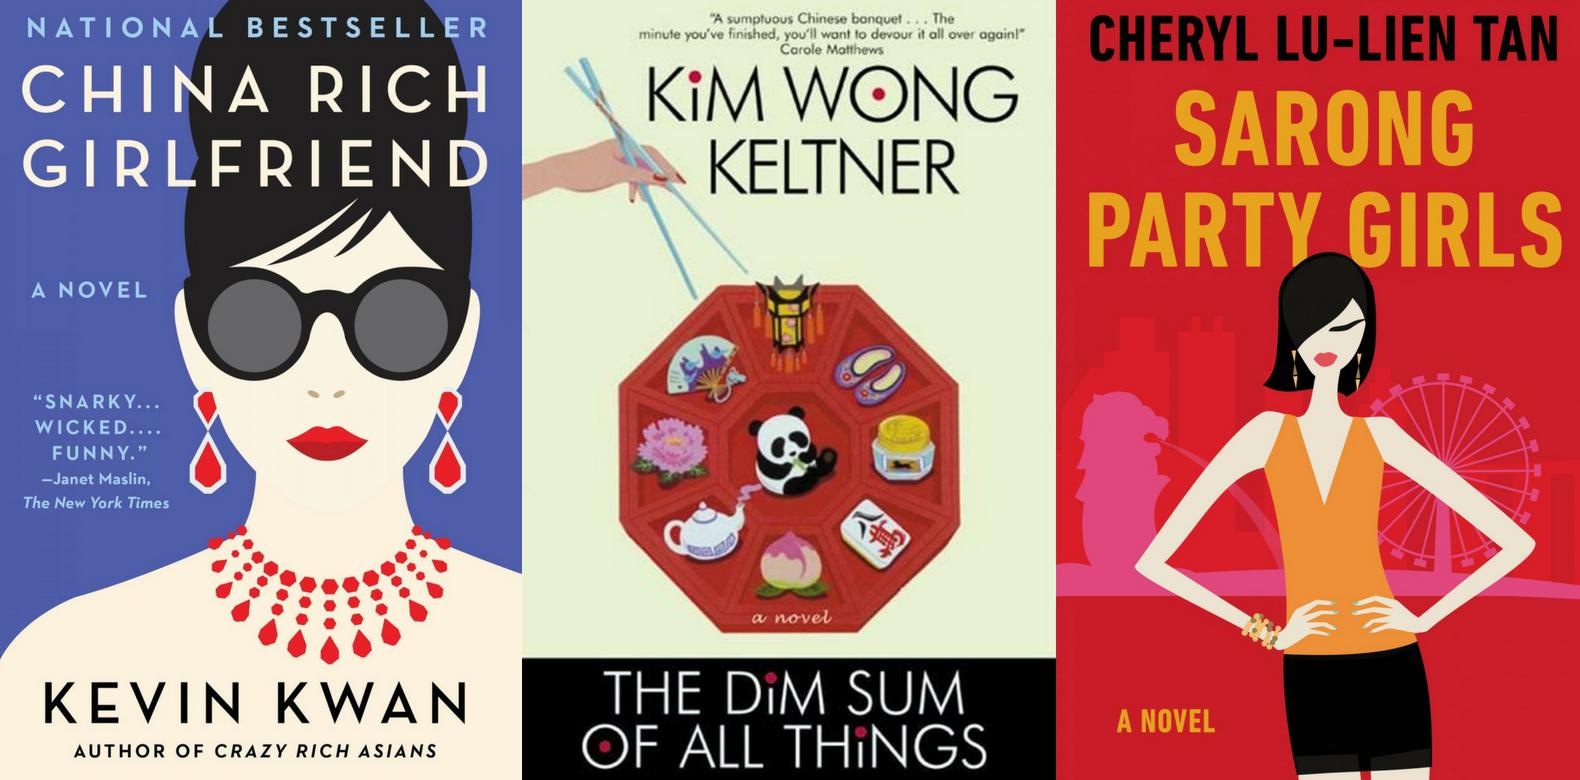 如果你喜歡《瘋狂亞洲富豪》,那麼這幾本書也不要錯過